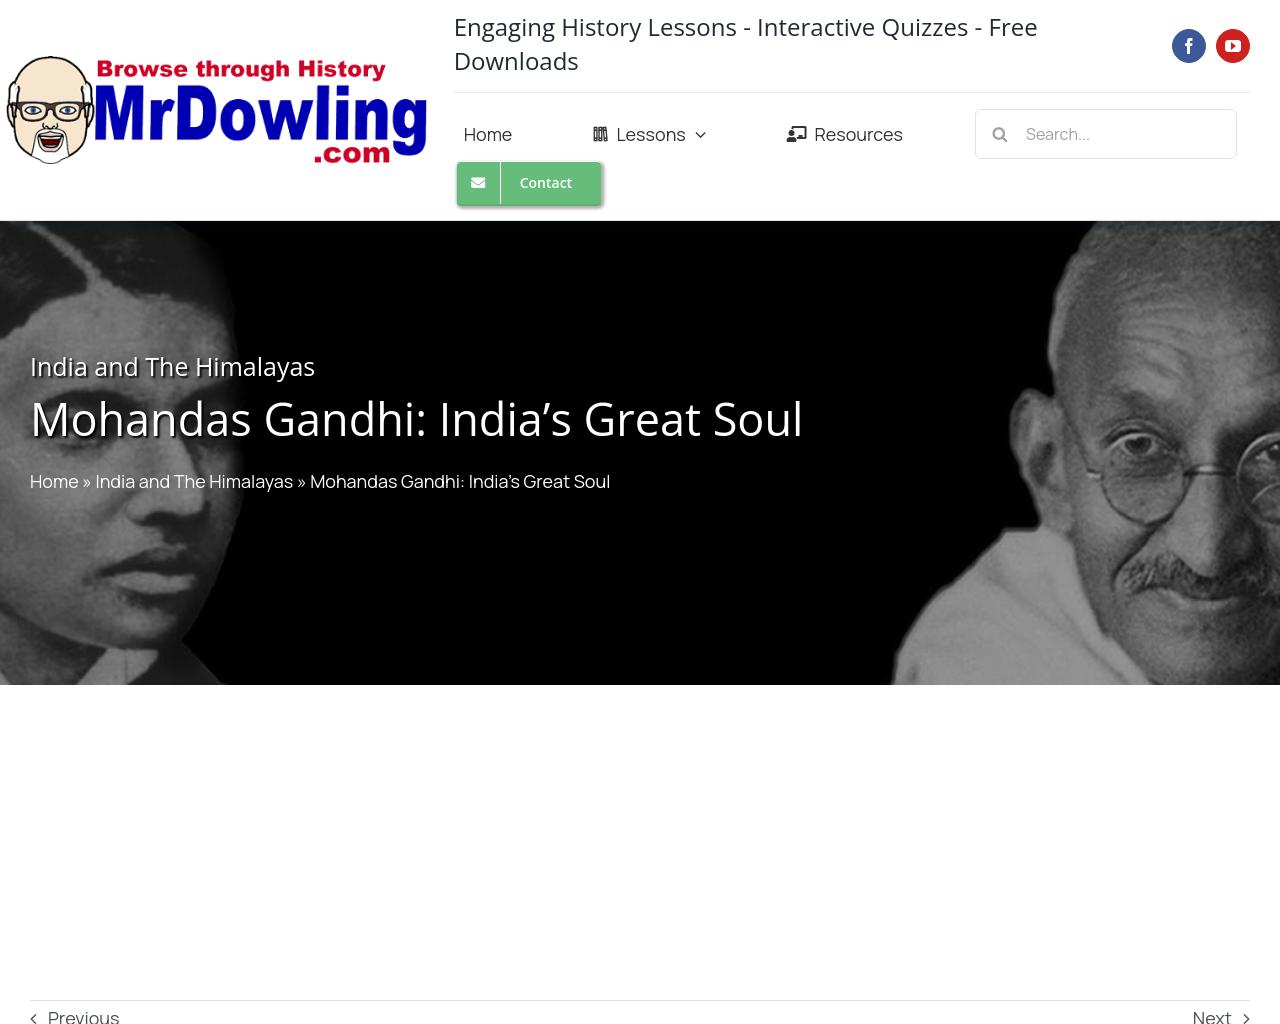 Mohandas Gandhi (mrdowling.com)